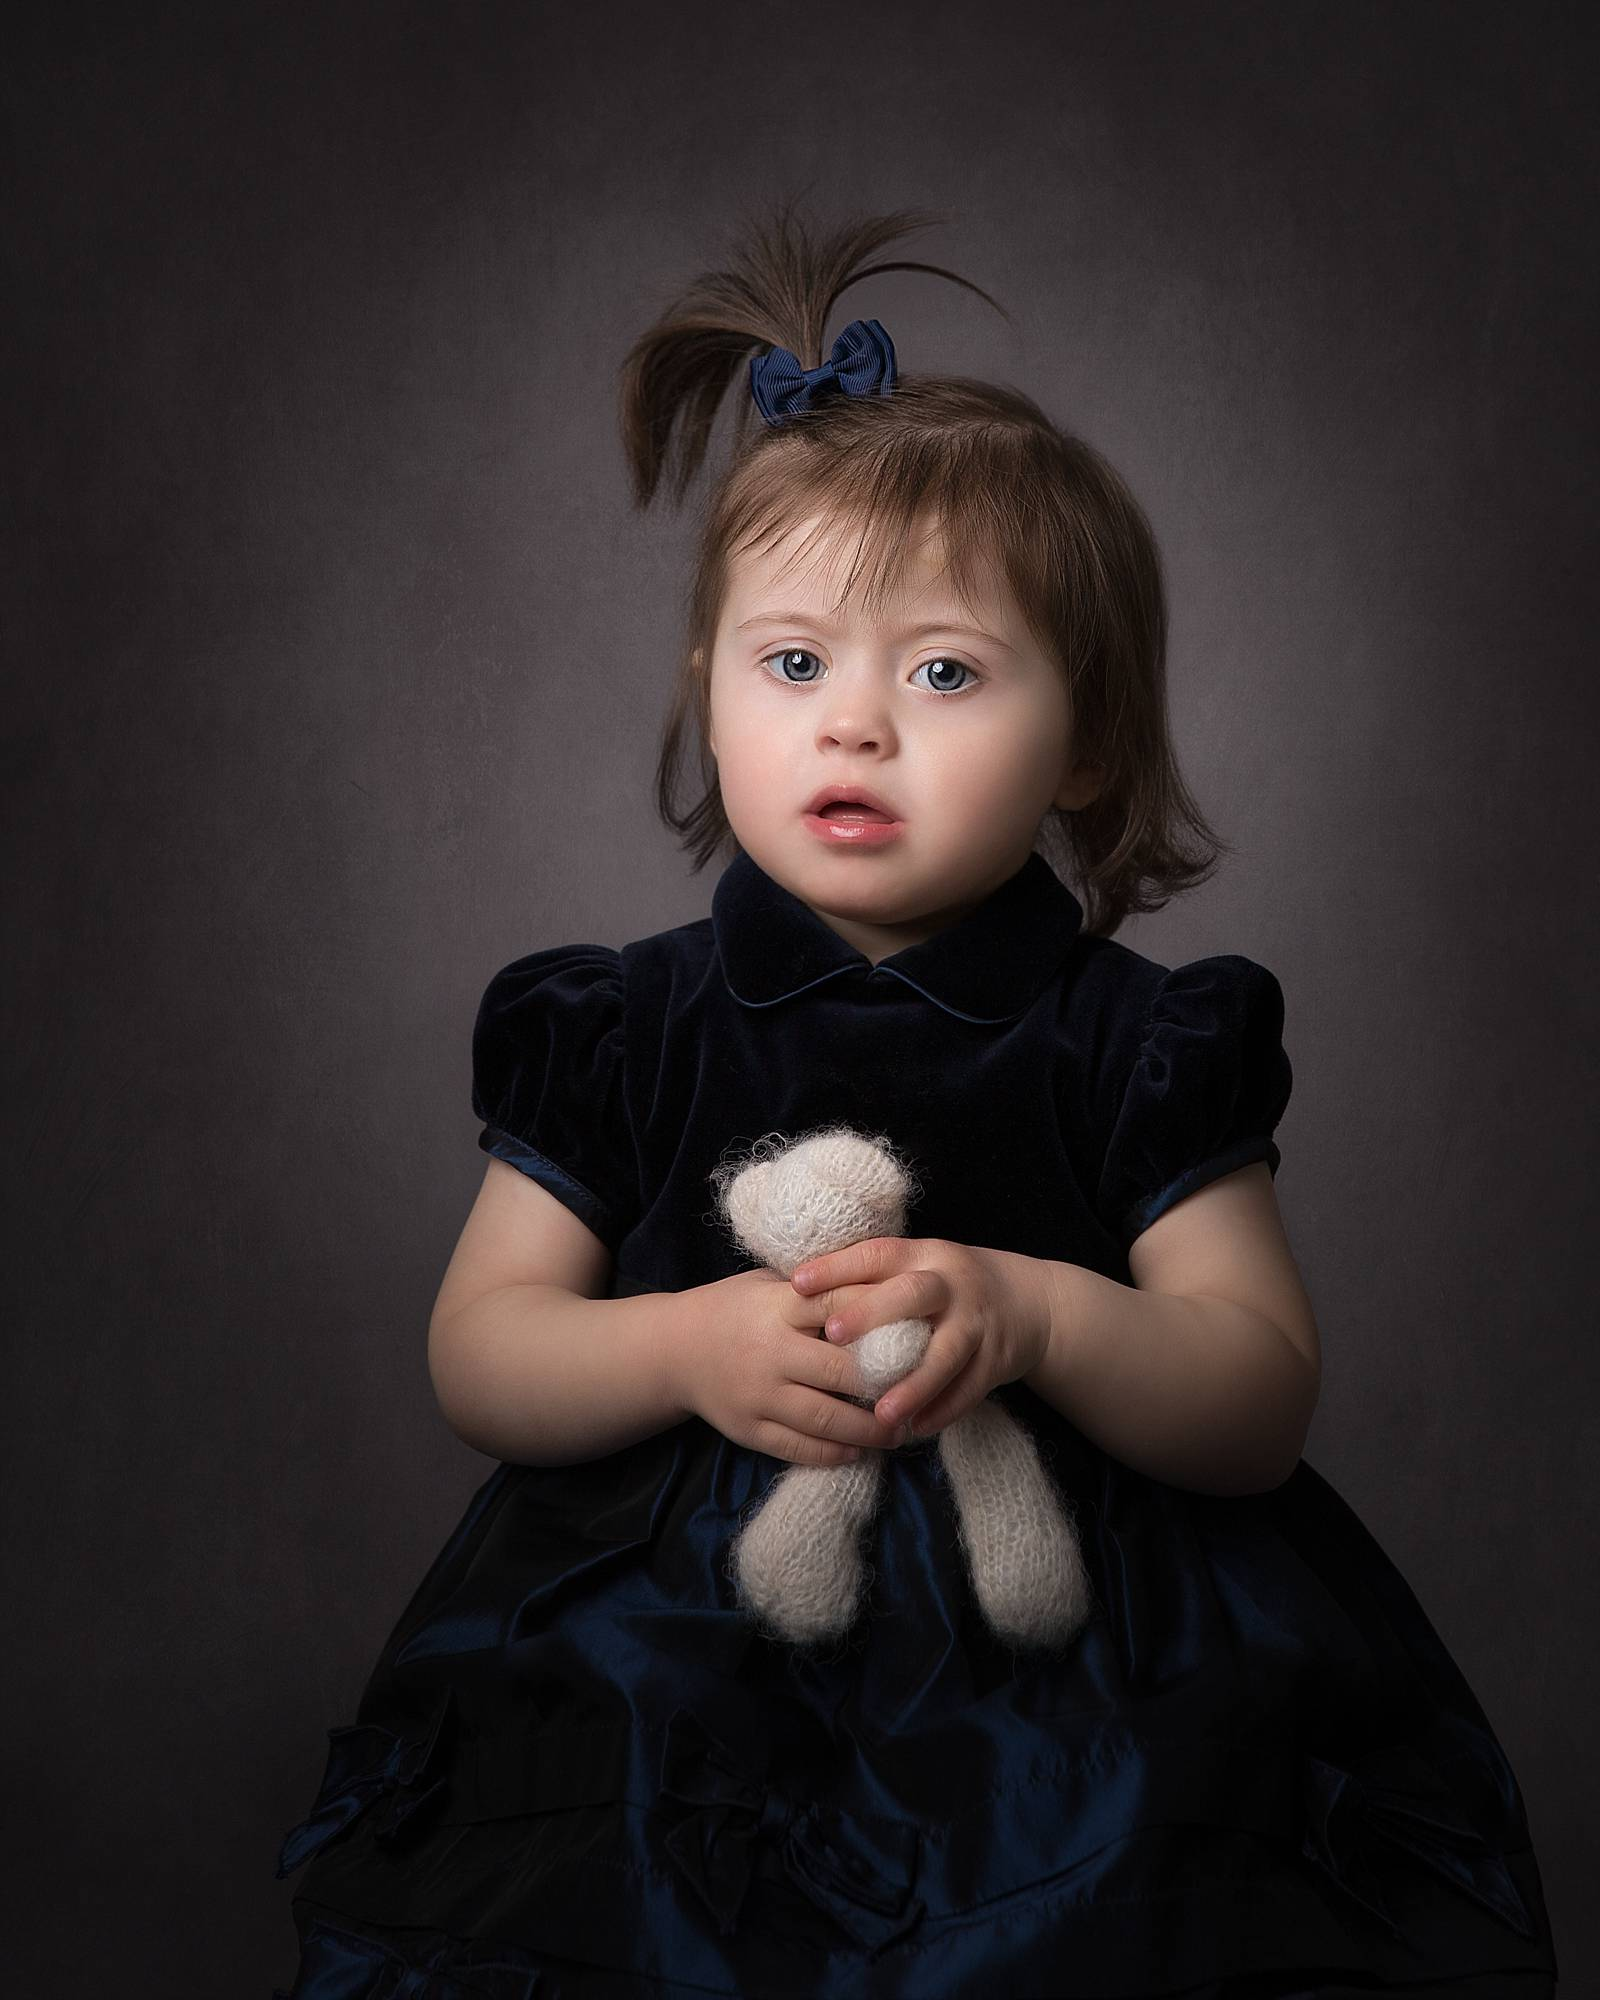 claudia-baldus-fotografia-ritratto-bambino